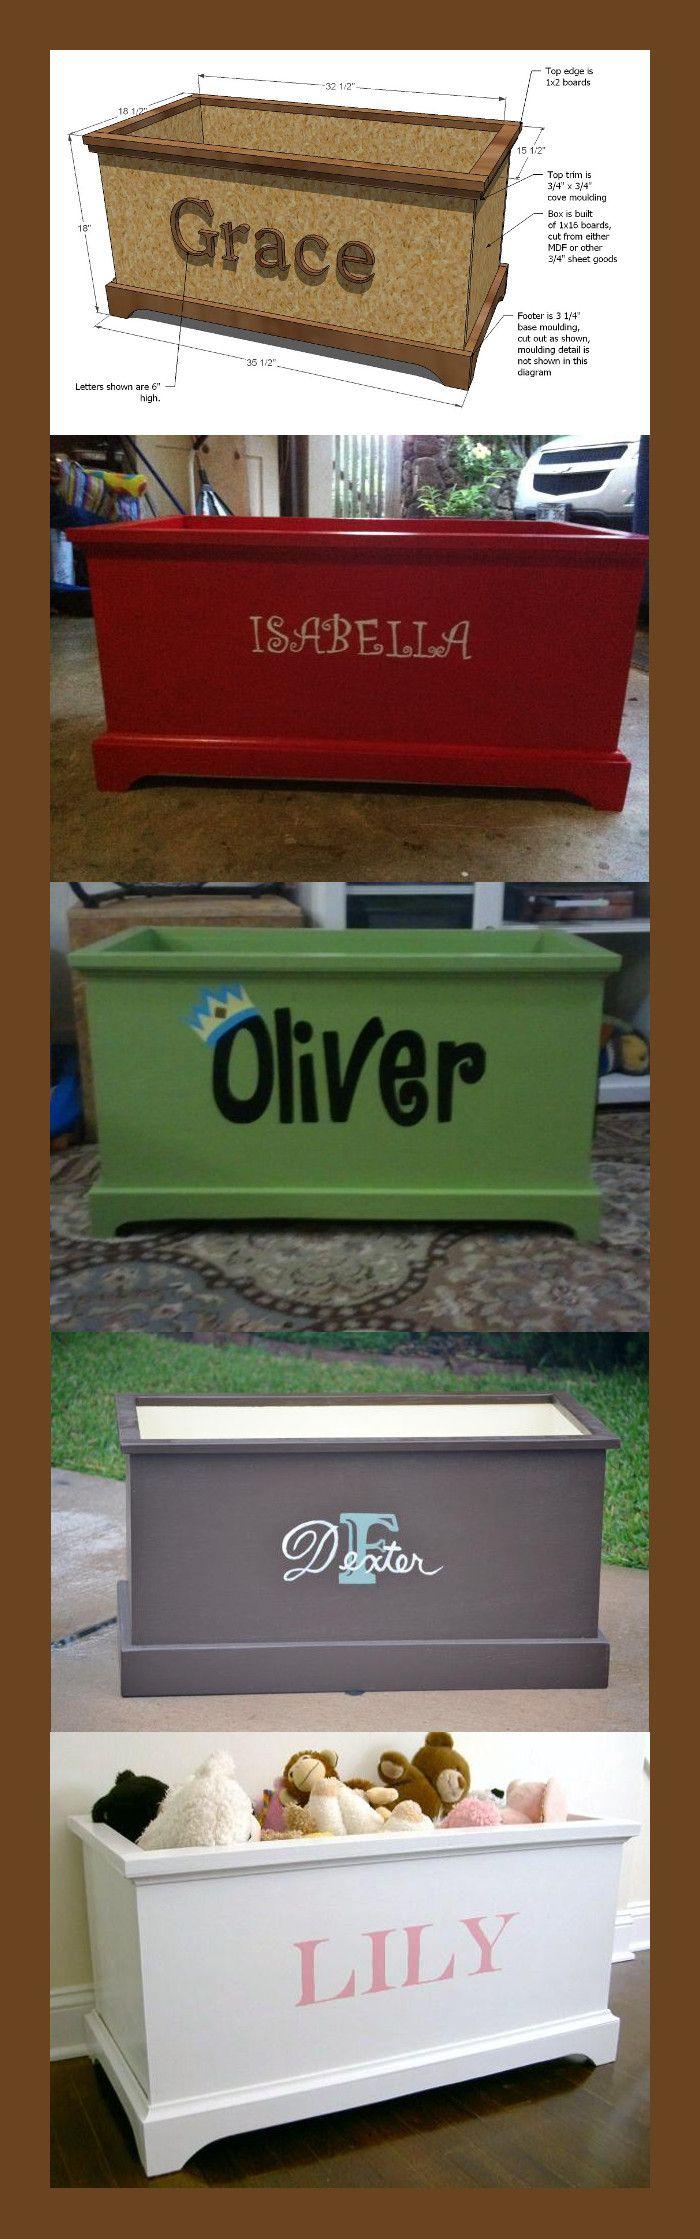 best 25 dog toy box ideas on pinterest diy dog dog corner and dog station. Black Bedroom Furniture Sets. Home Design Ideas